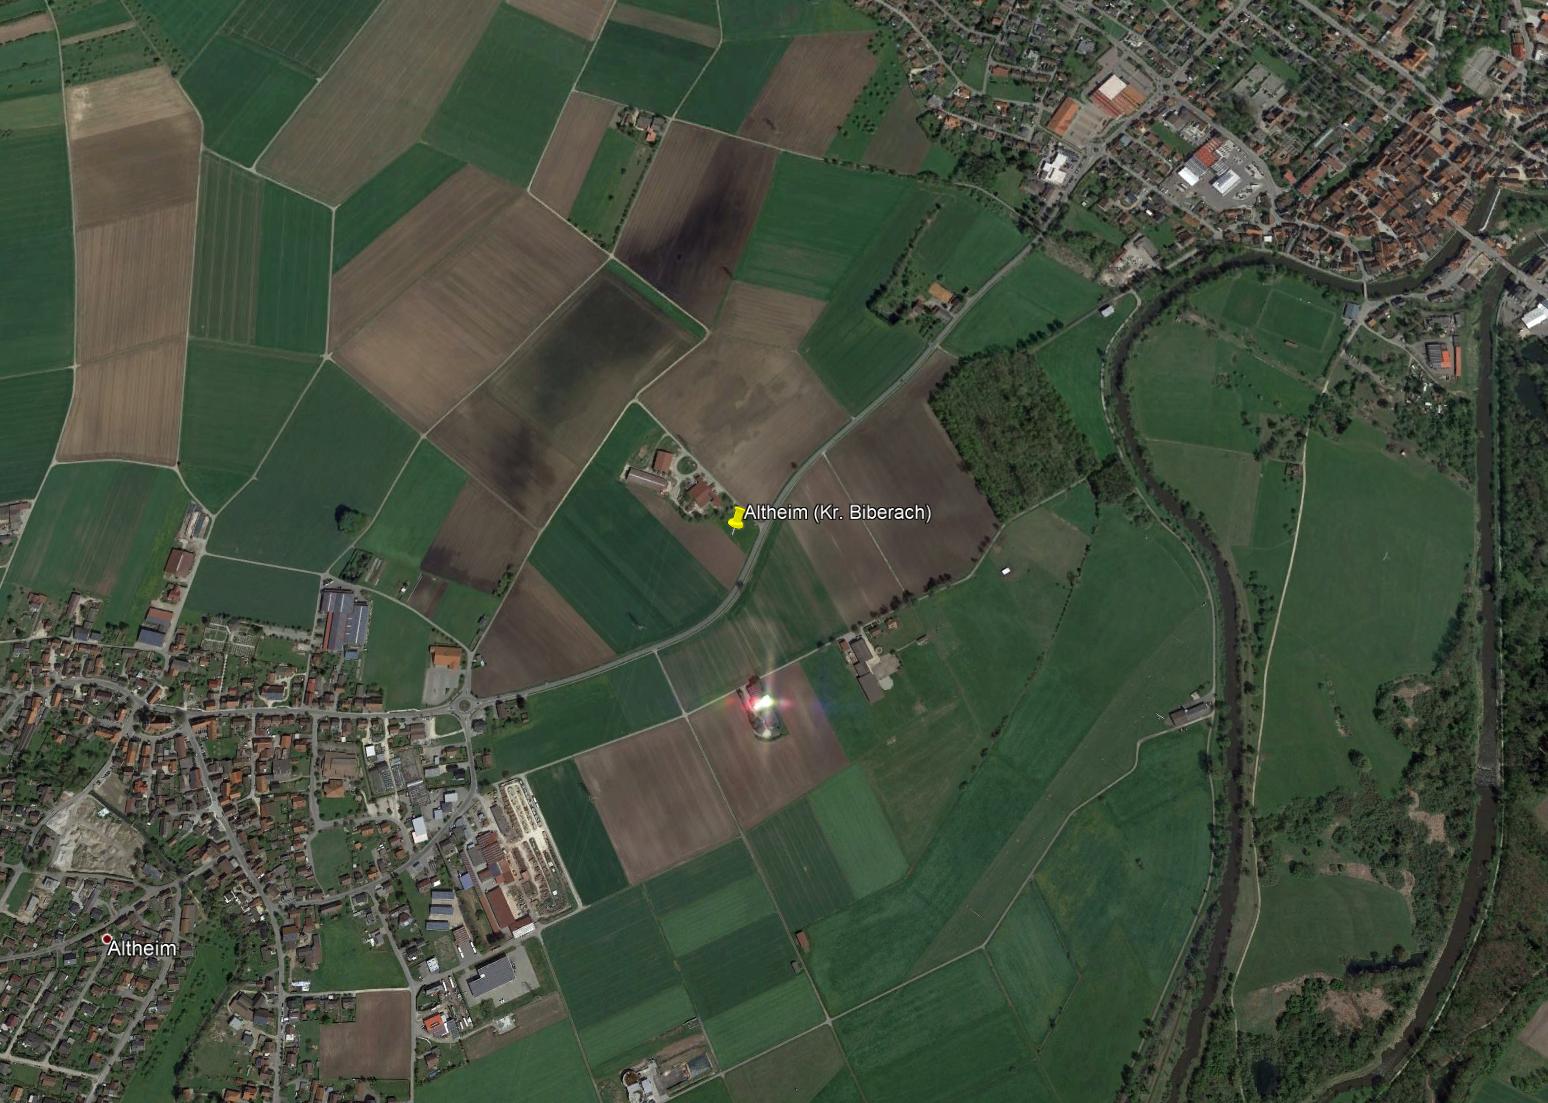 http://www.wetterstation-leutenbach.de/Bilder/altheim2.png